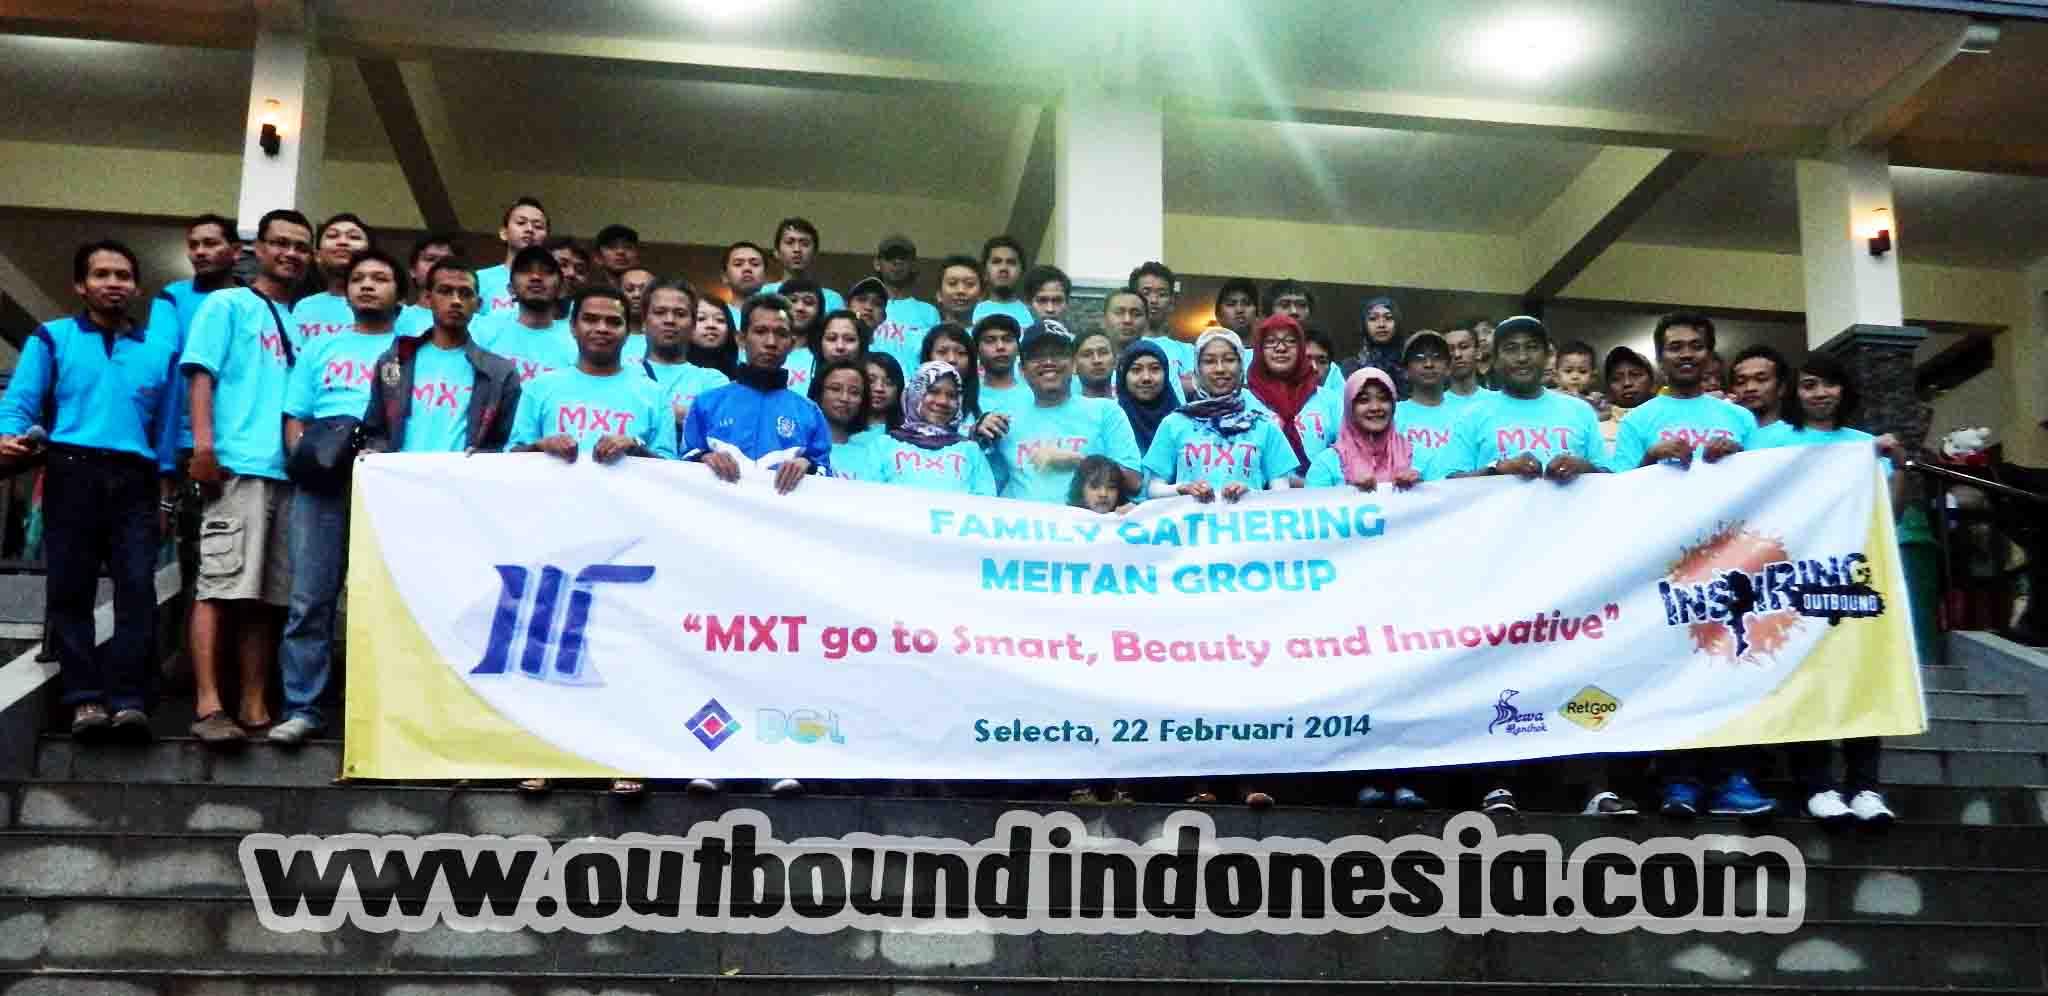 outbound batu, www.outboundindonesia.com, 0341 5425754